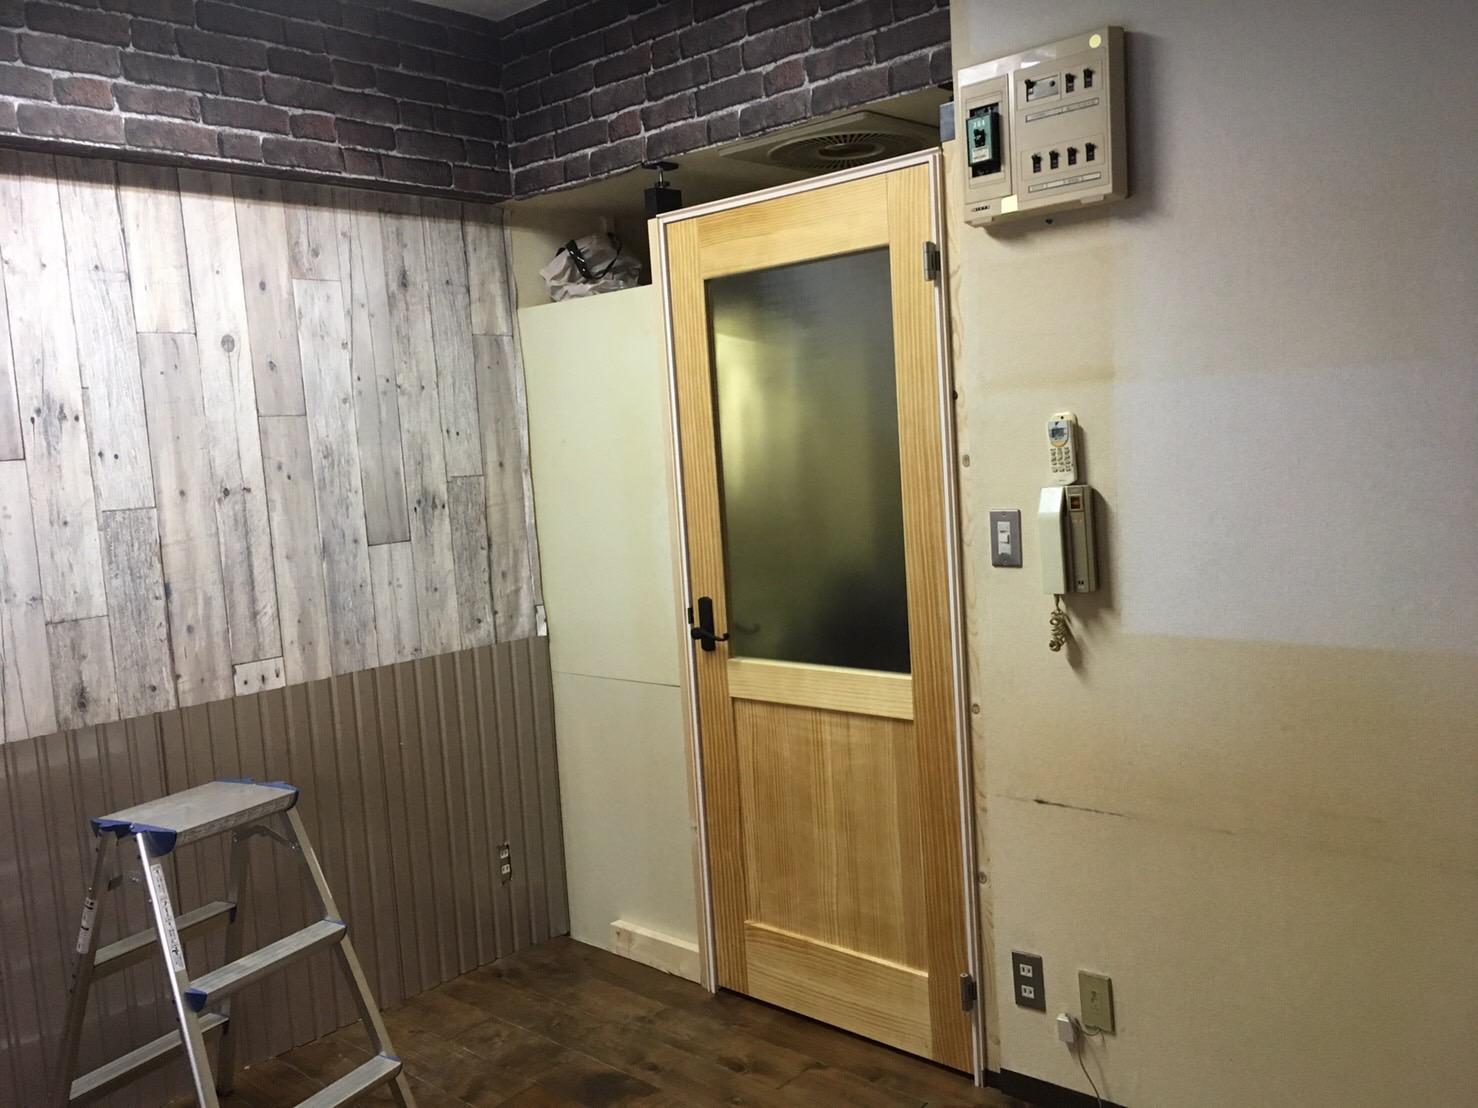 ドア枠にドアをつけた状態